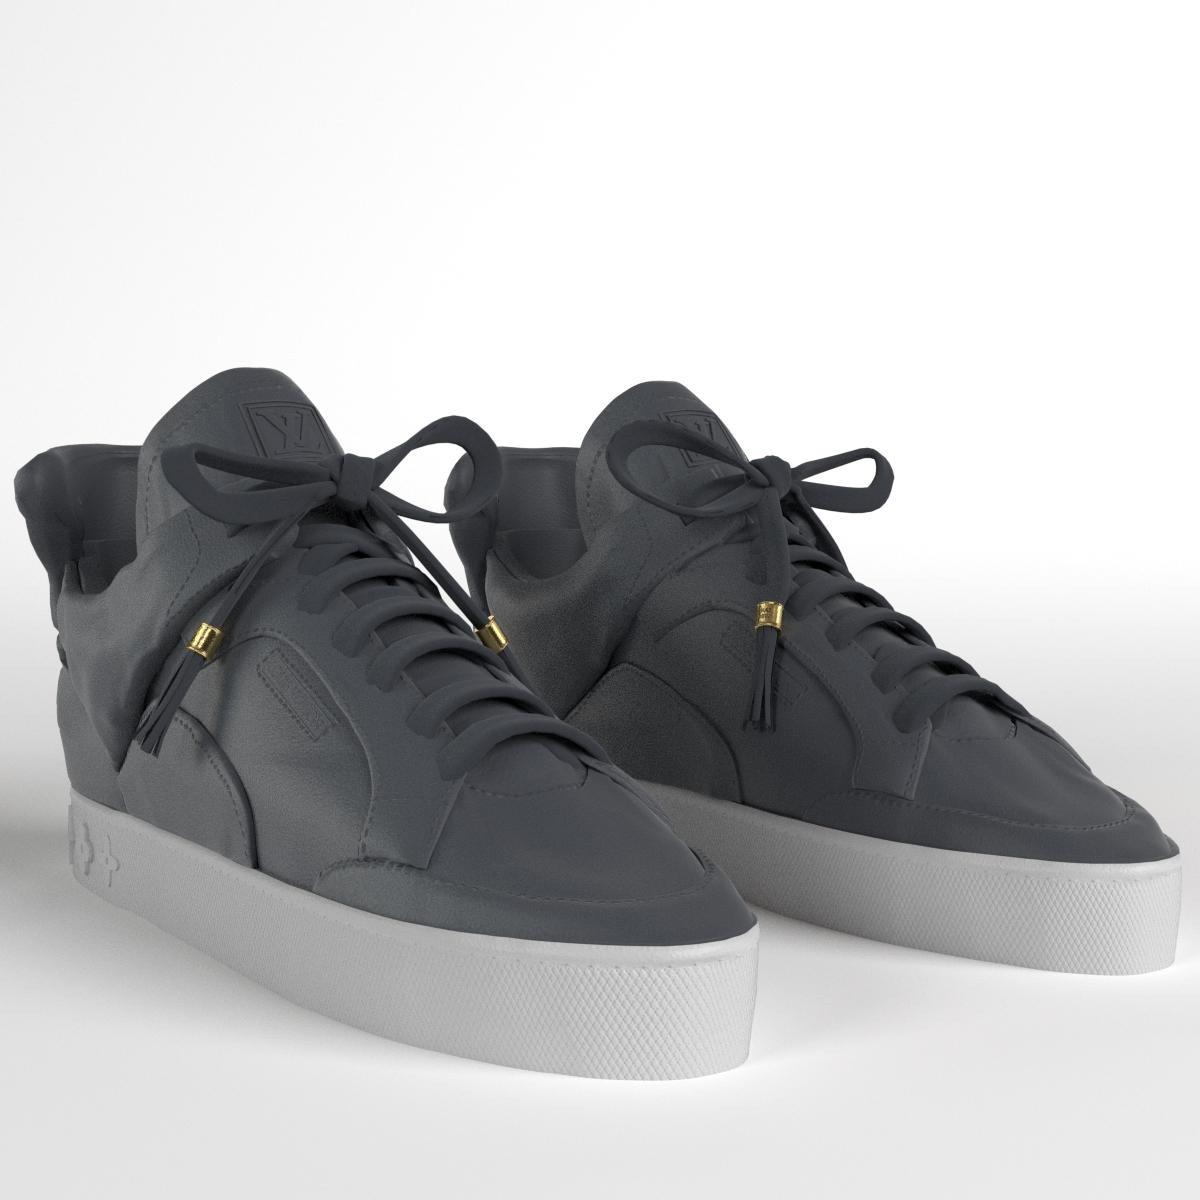 0_1507789531666_dons-5-pairs---0001.jpg